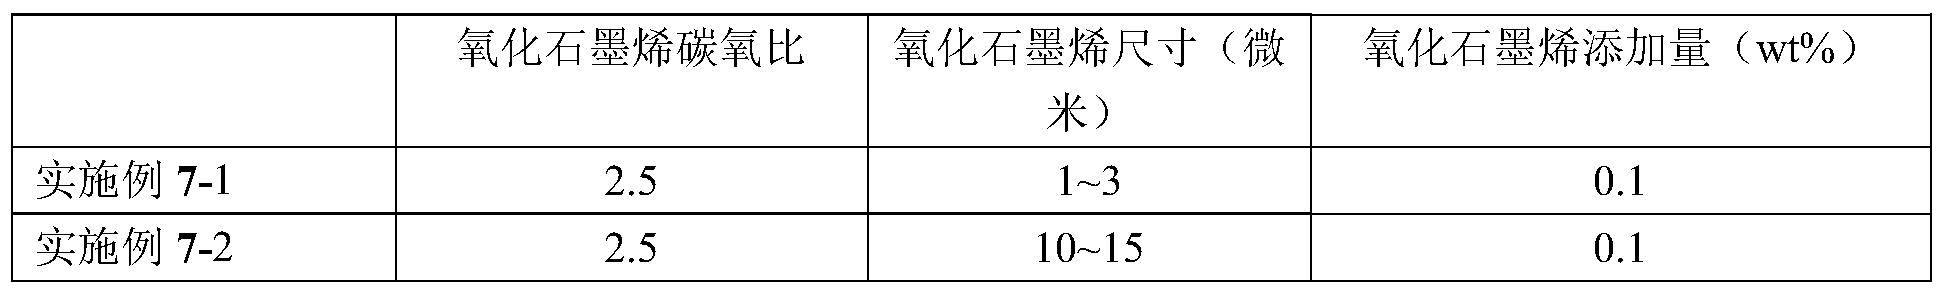 Figure PCTCN2018077169-appb-000010